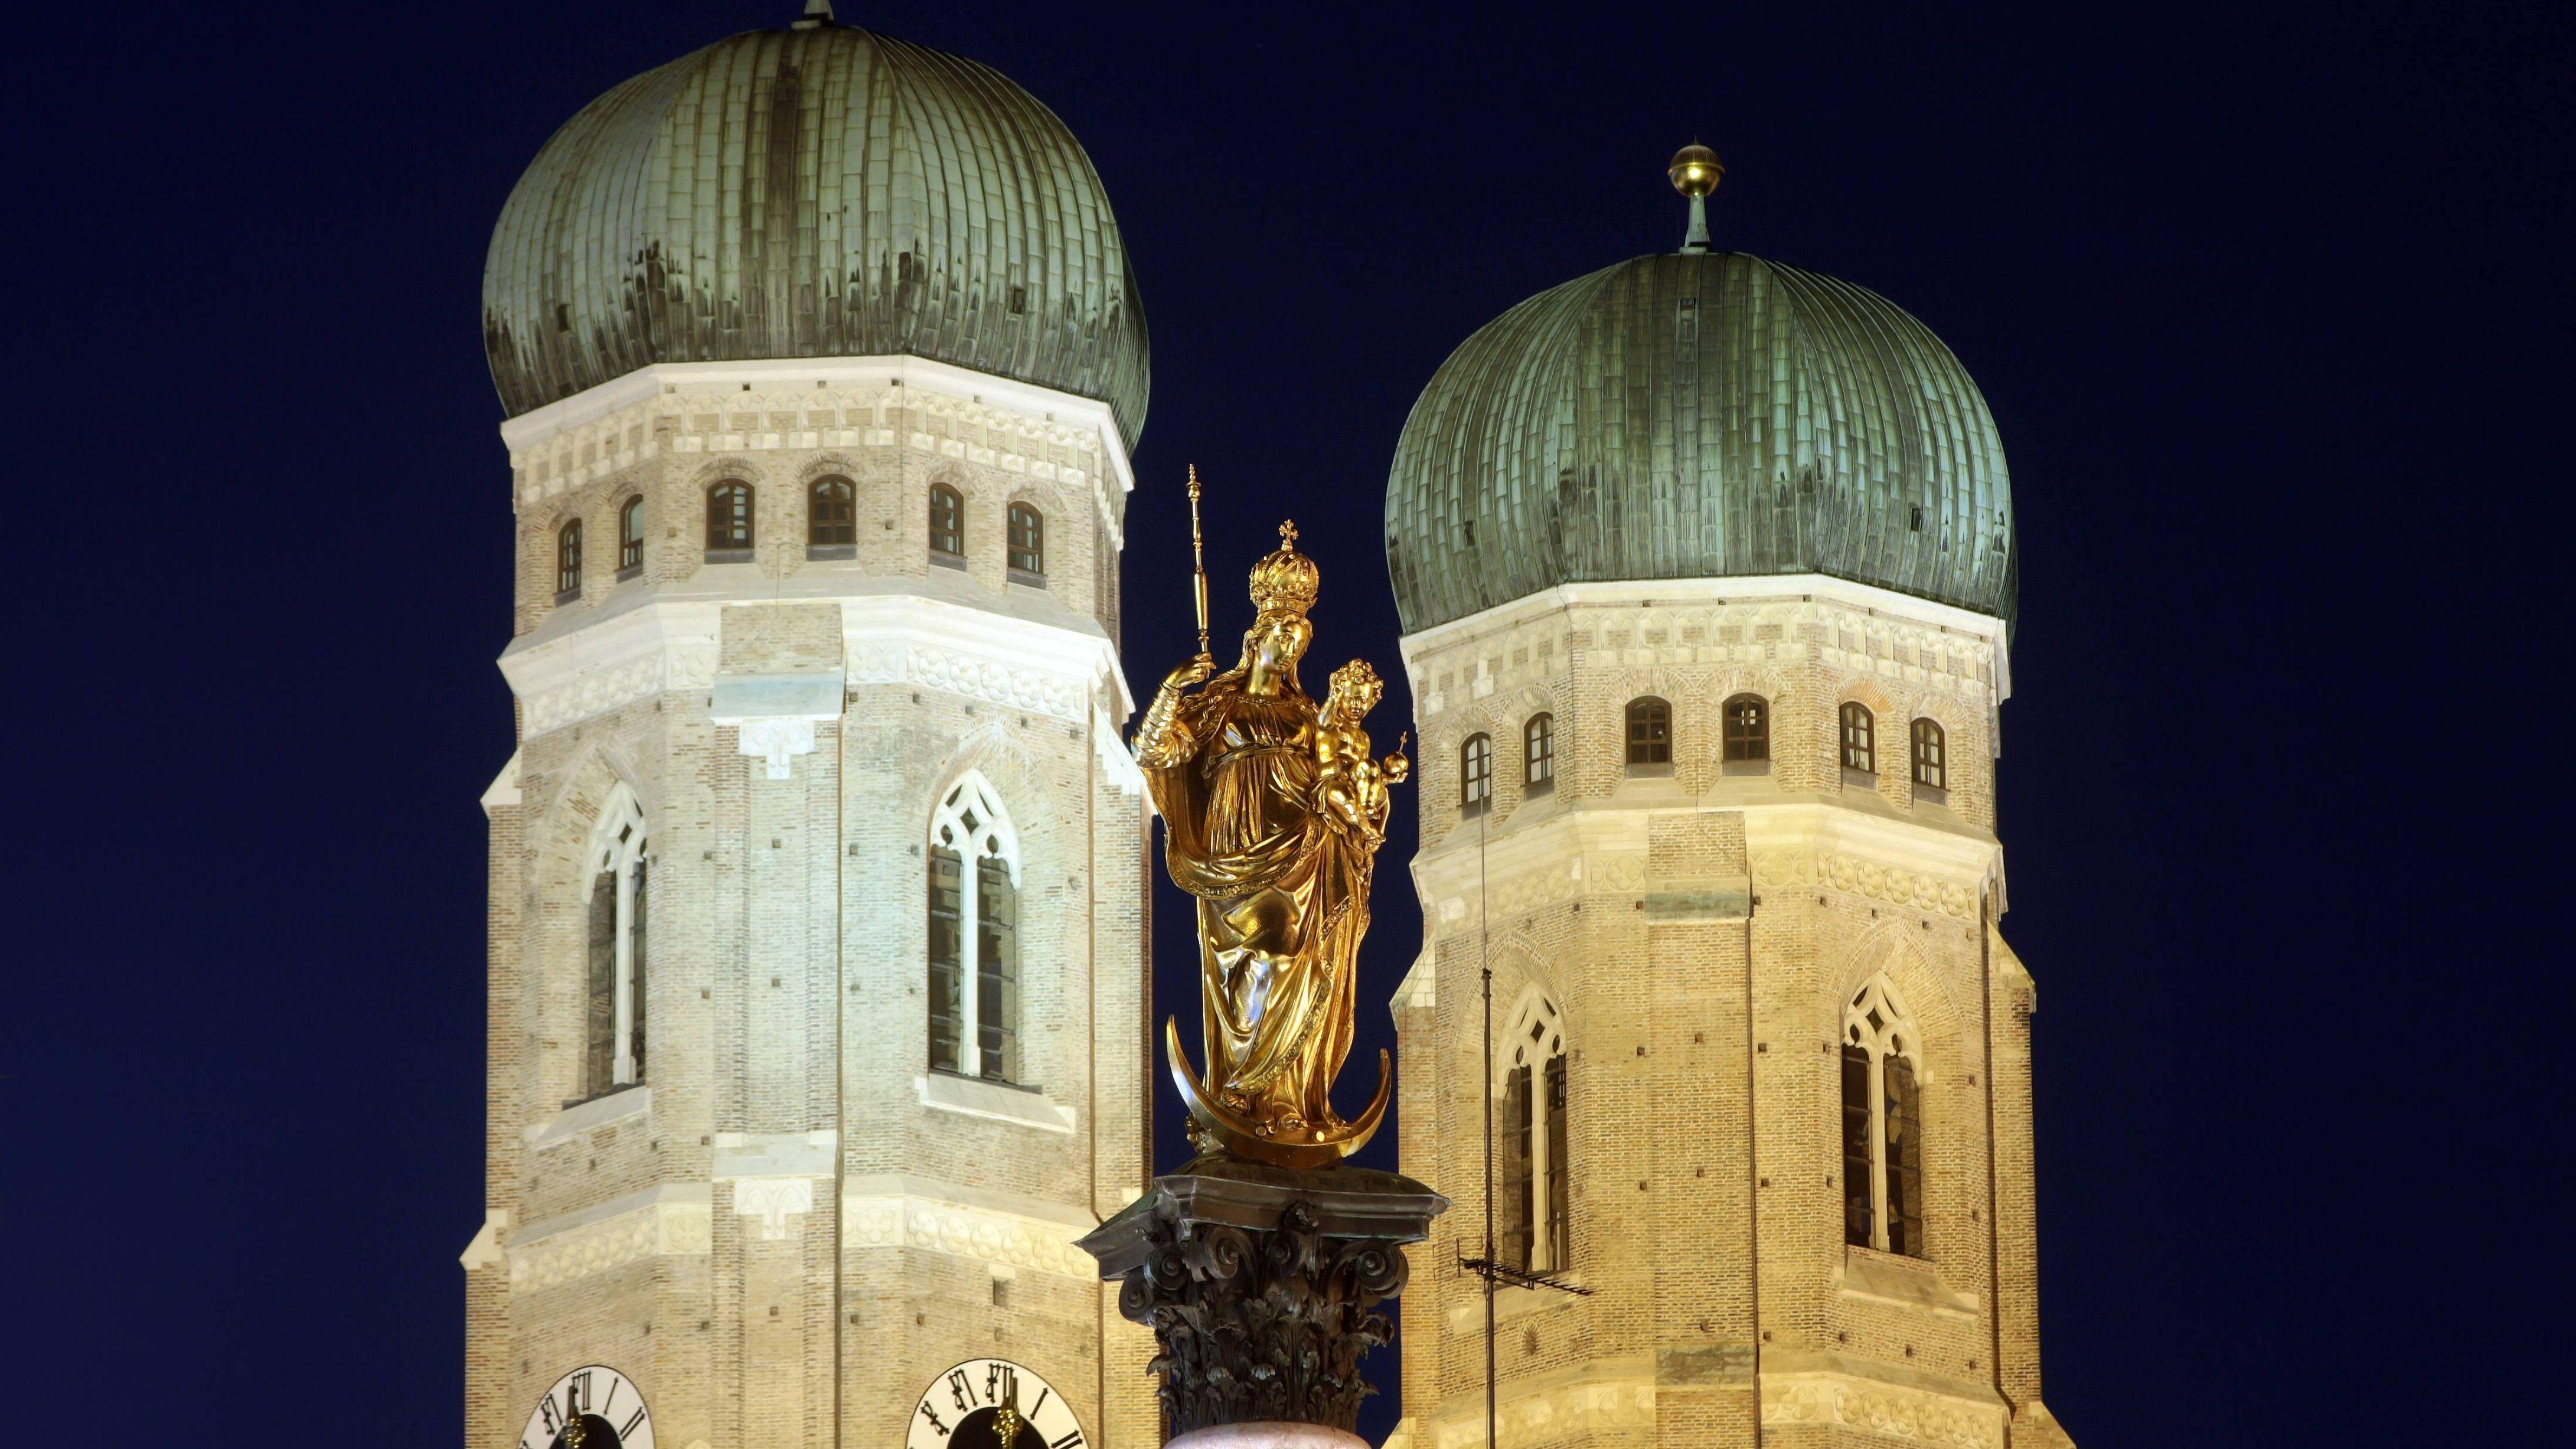 Die Münchner Frauenkirche wird bei Nacht fürstlich angestrahlt (Archivbild)